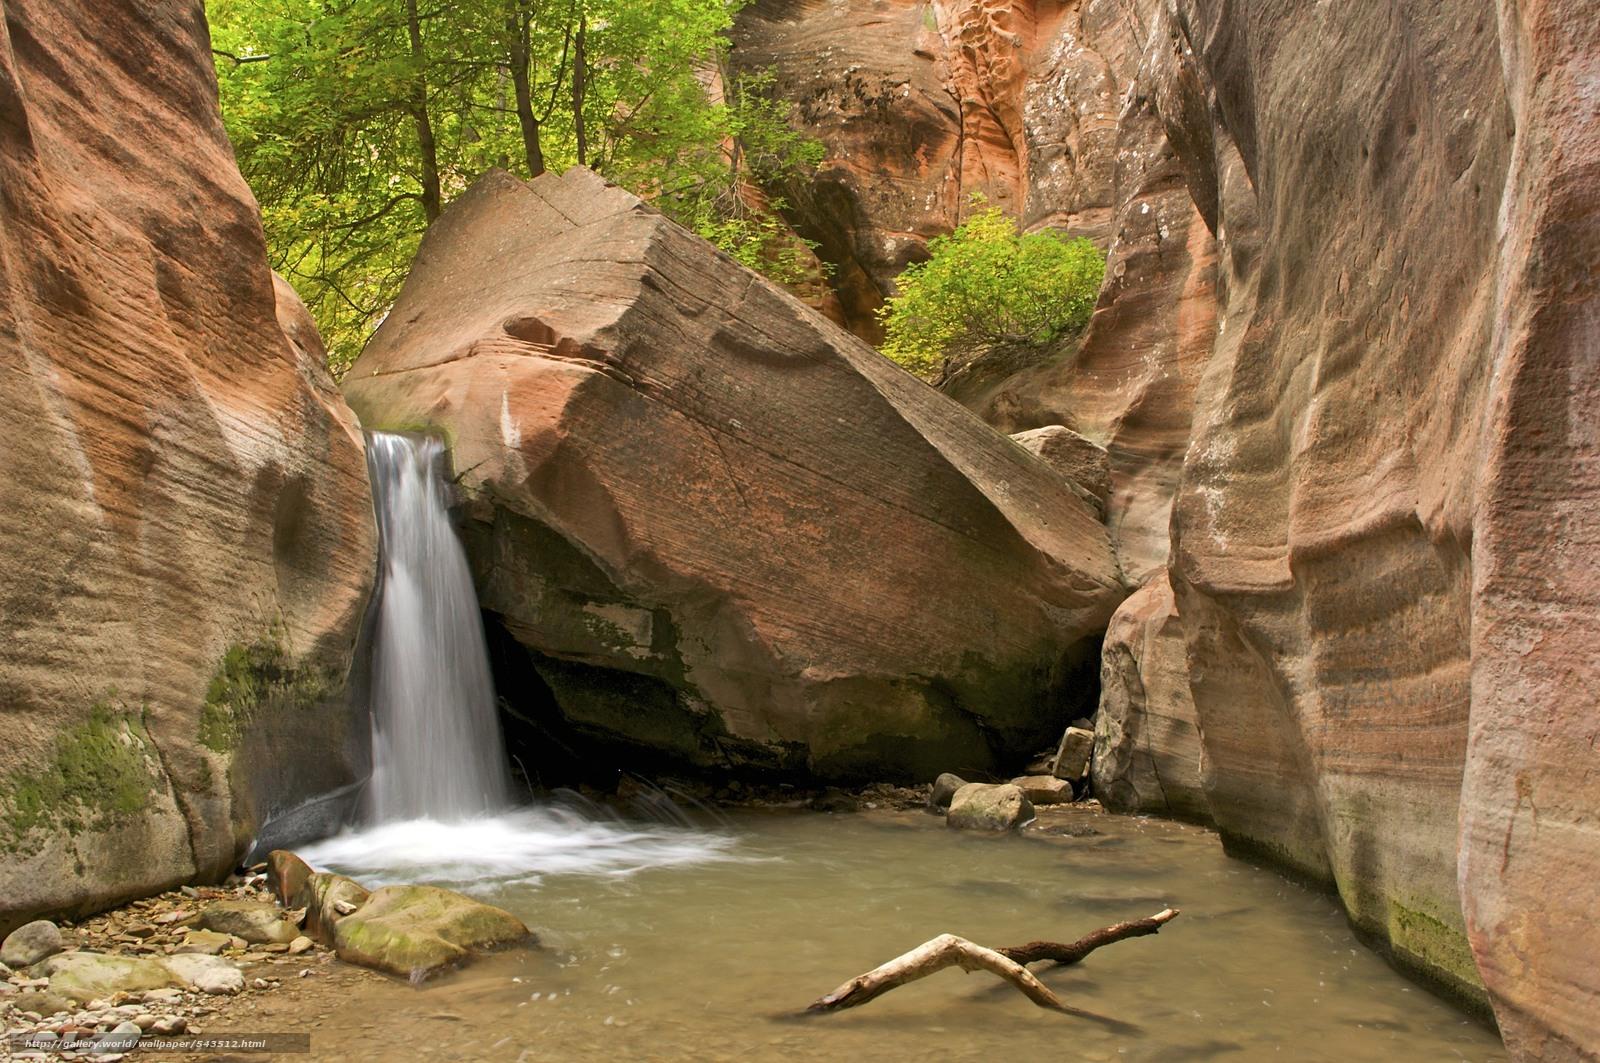 下载壁纸 槽峡谷,  在西南,  犹他州 免费为您的桌面分辨率的壁纸 2144x1424 — 图片 №543512